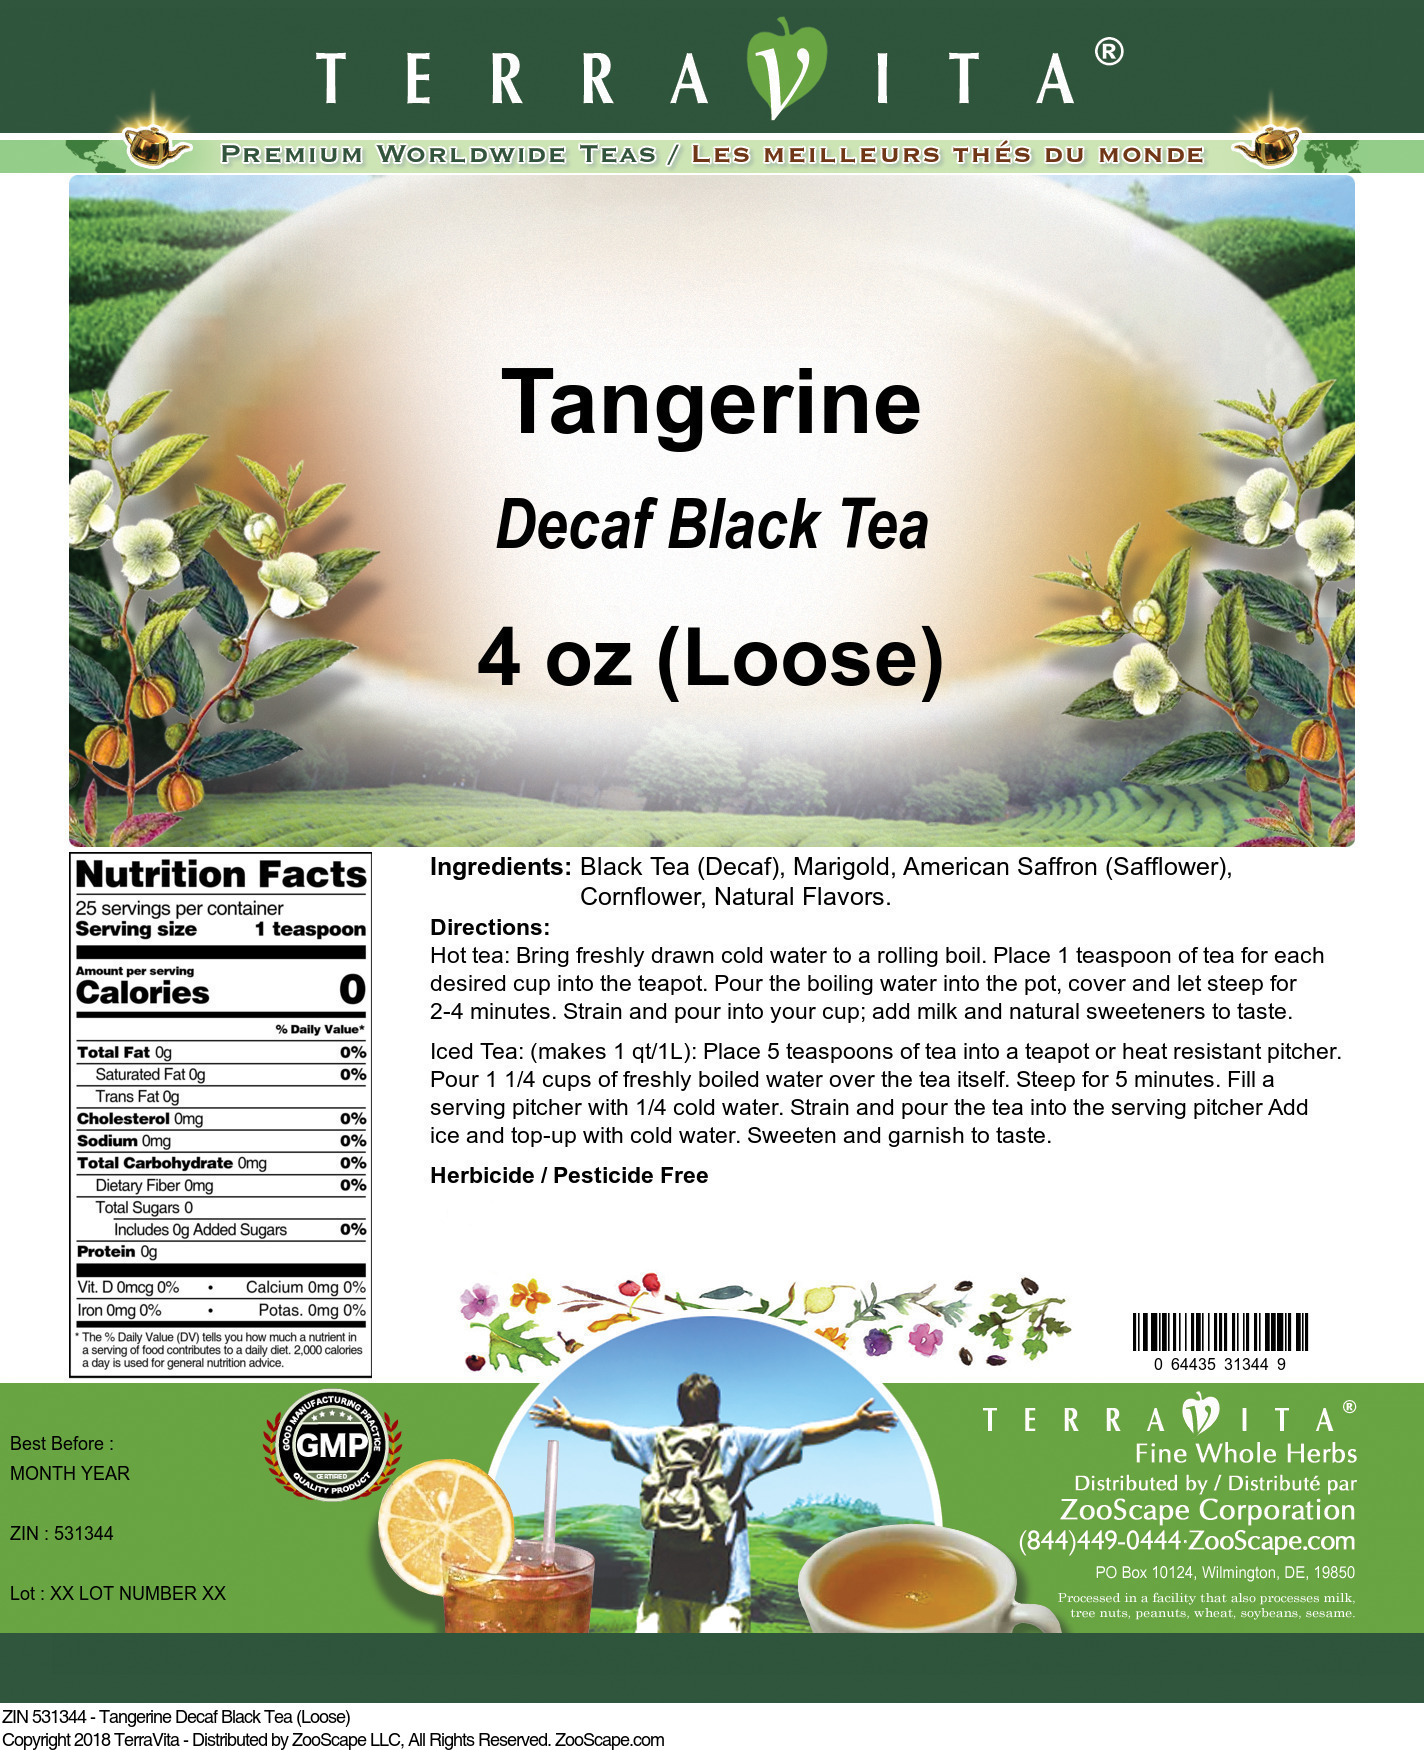 Tangerine Decaf Black Tea (Loose)